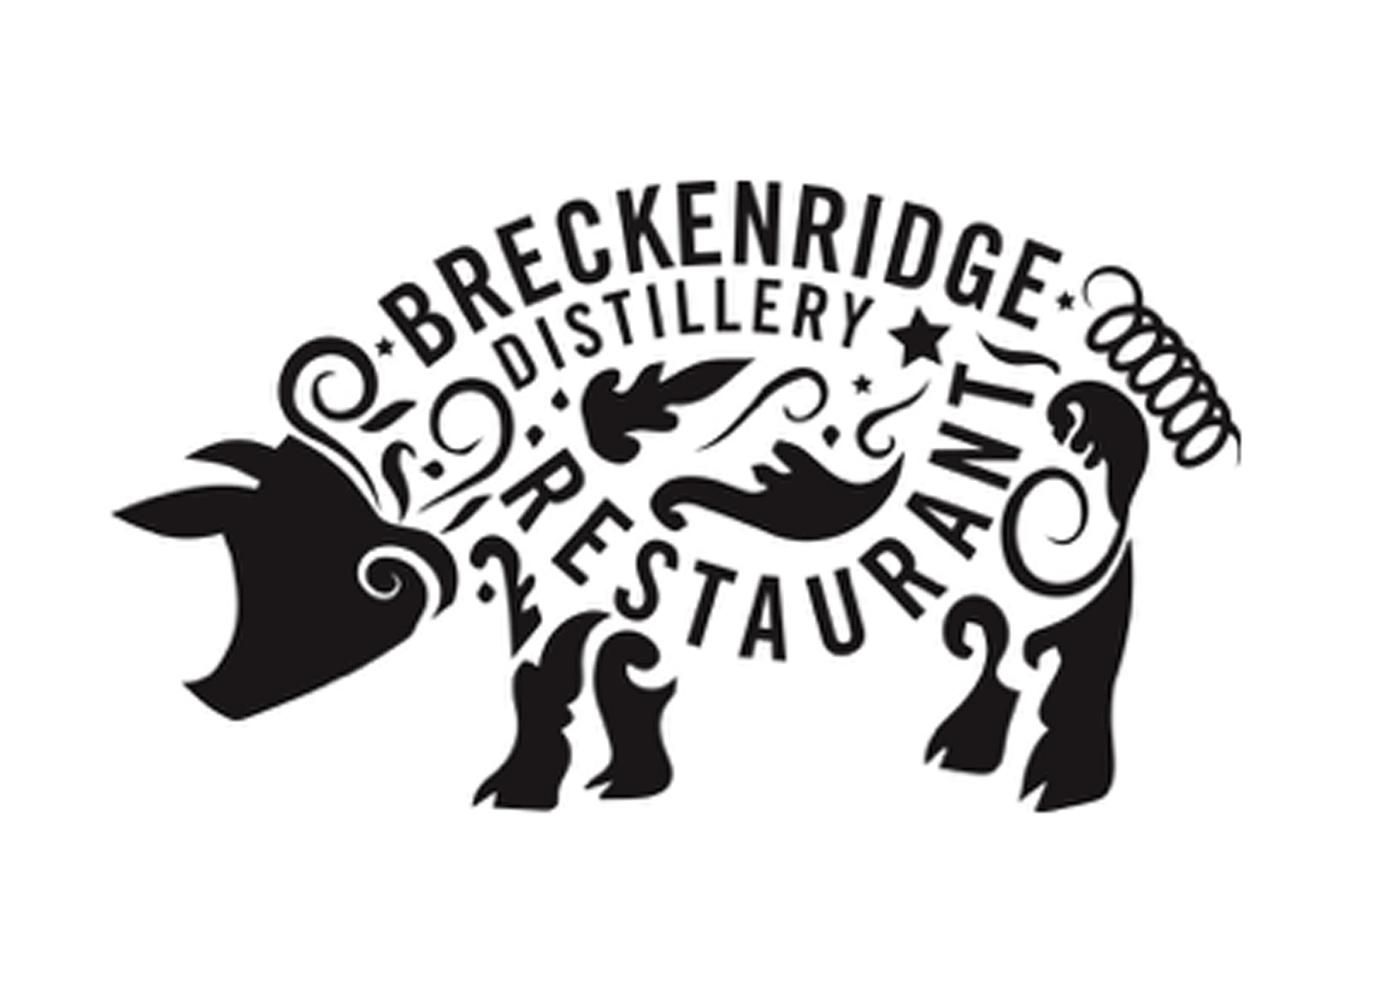 Breckenridge Distillery Restaurant logo